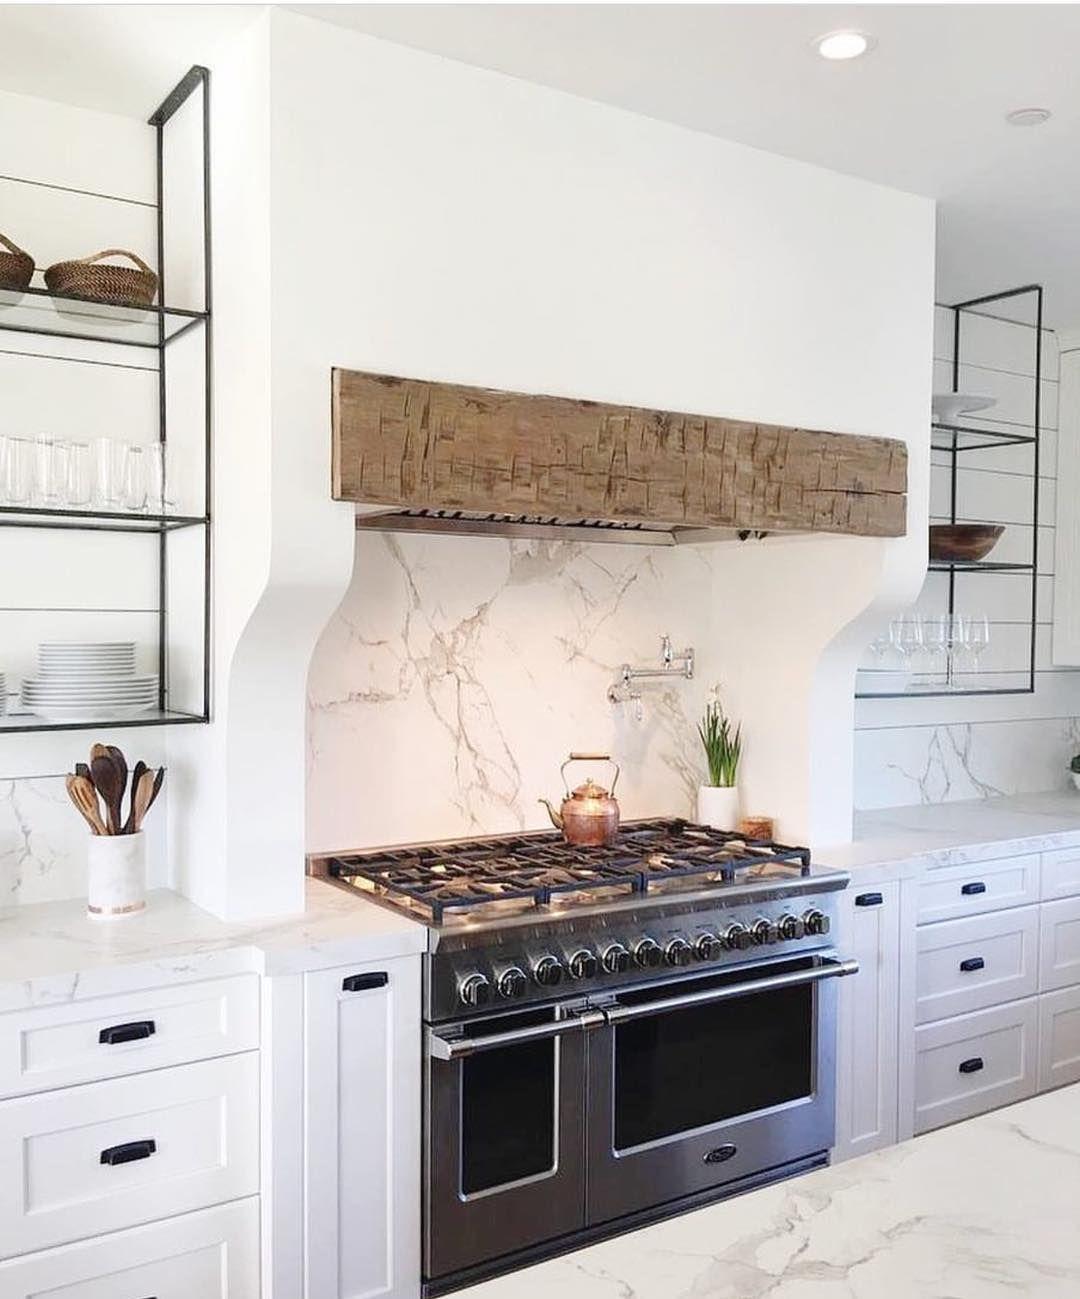 Best Kitchen Gallery: 15 Kitchen Range Hoods That Made A Kitchen Look So Much Prettier of White Farmhouse Kitchen Hood Designs on rachelxblog.com